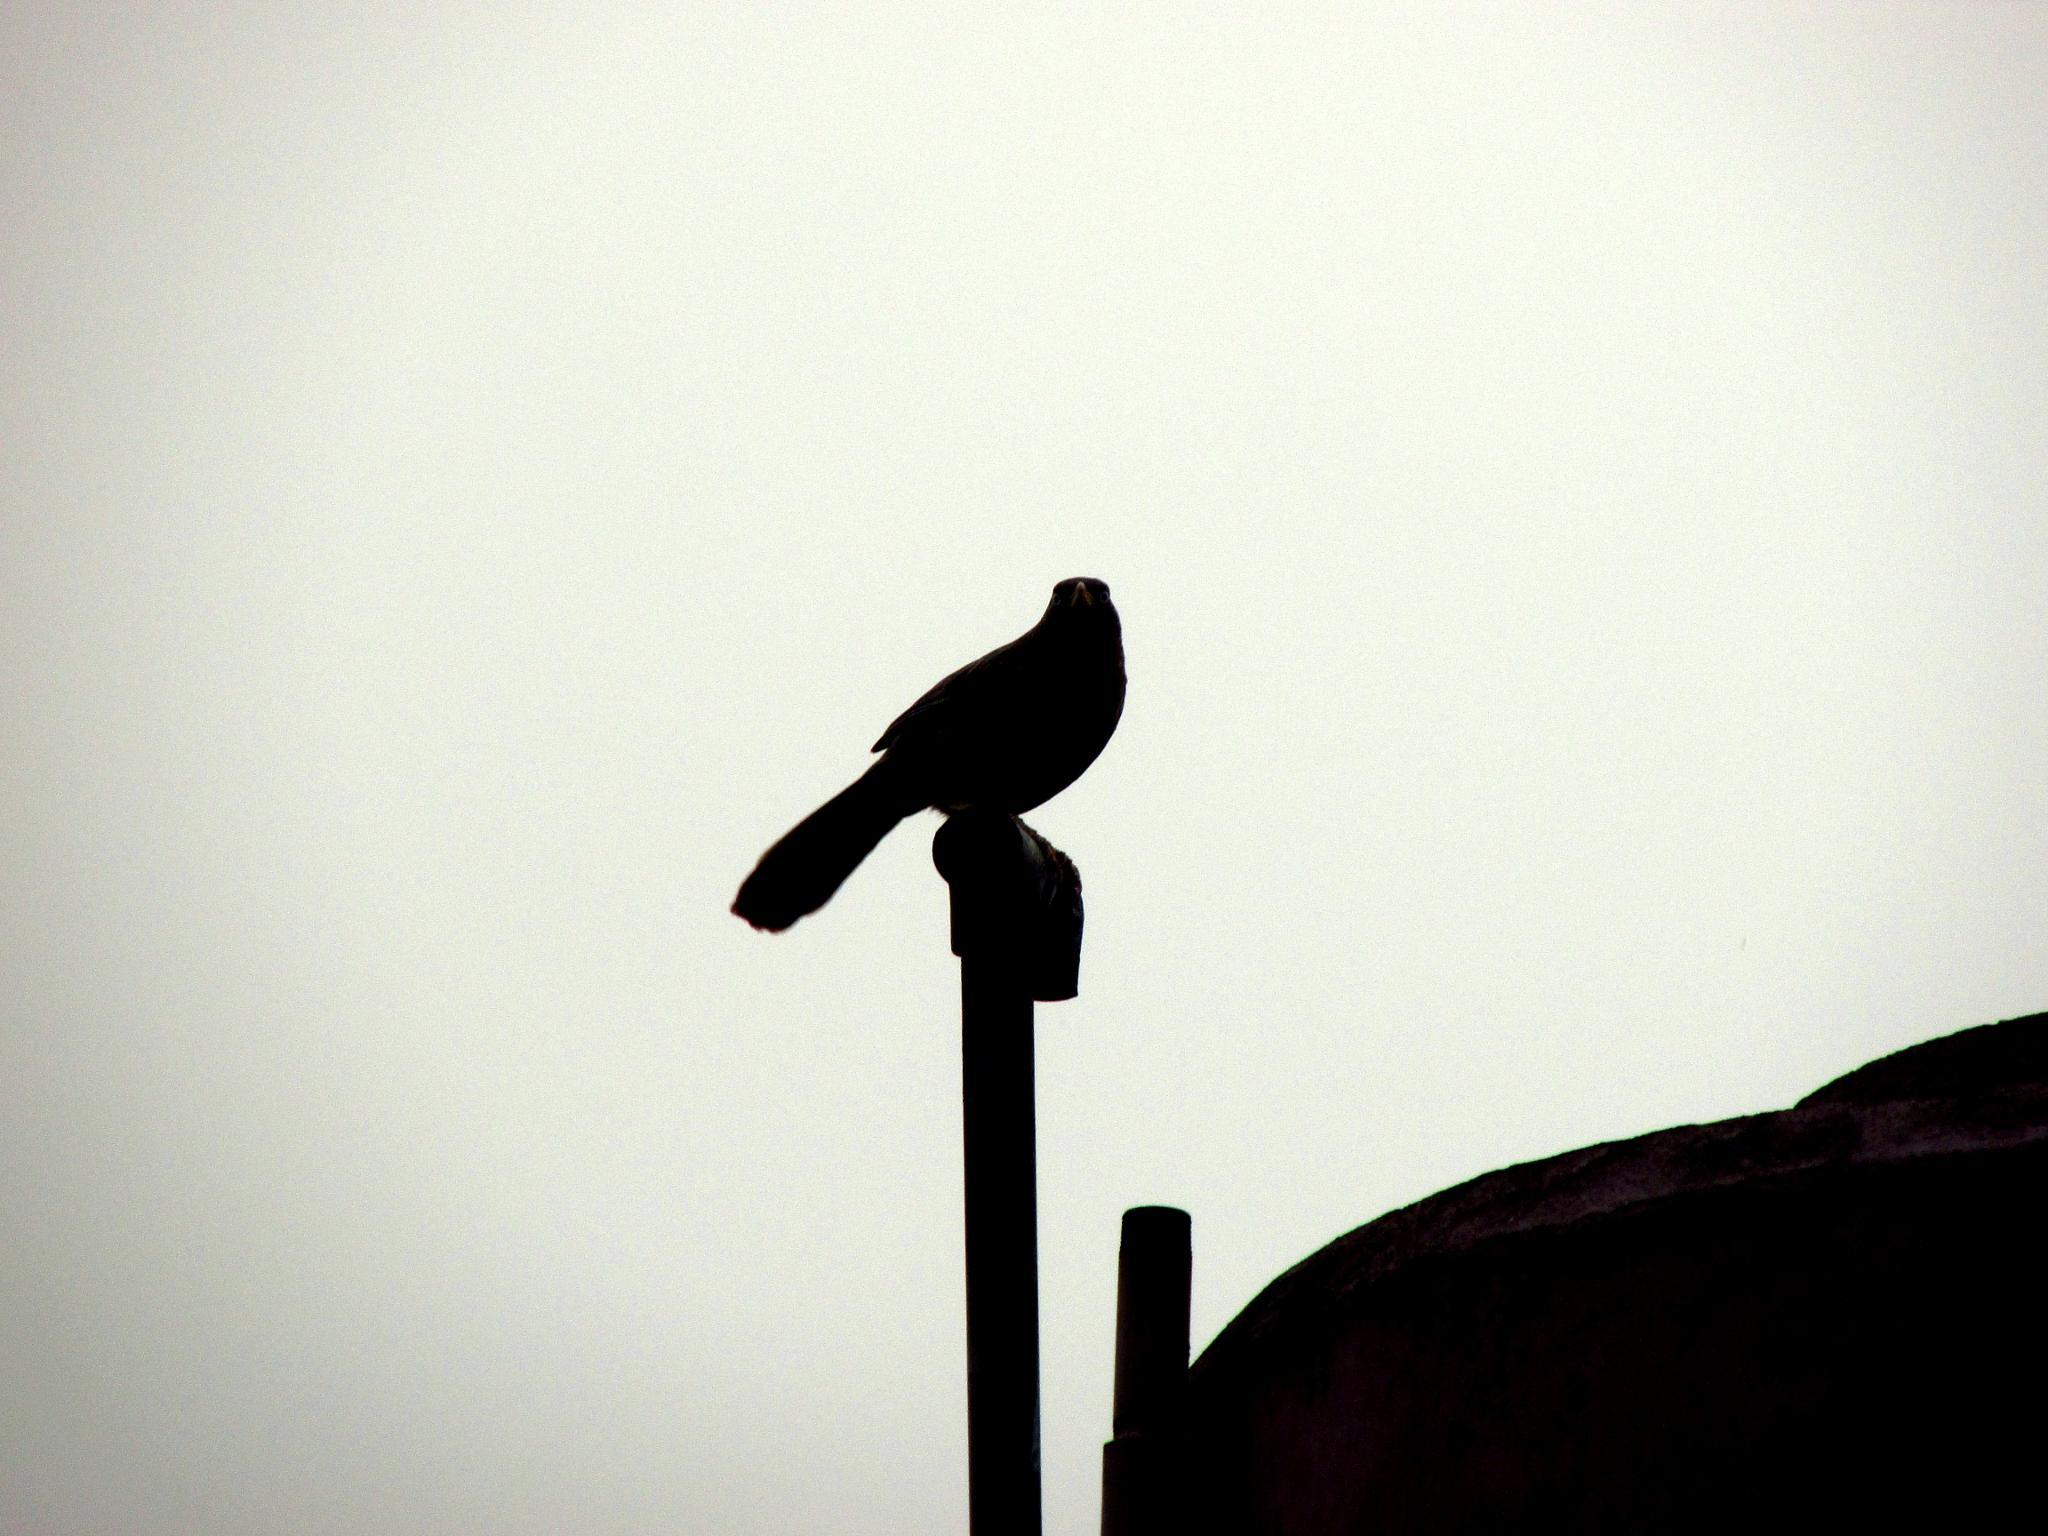 bird at dawn by kuntal09jack